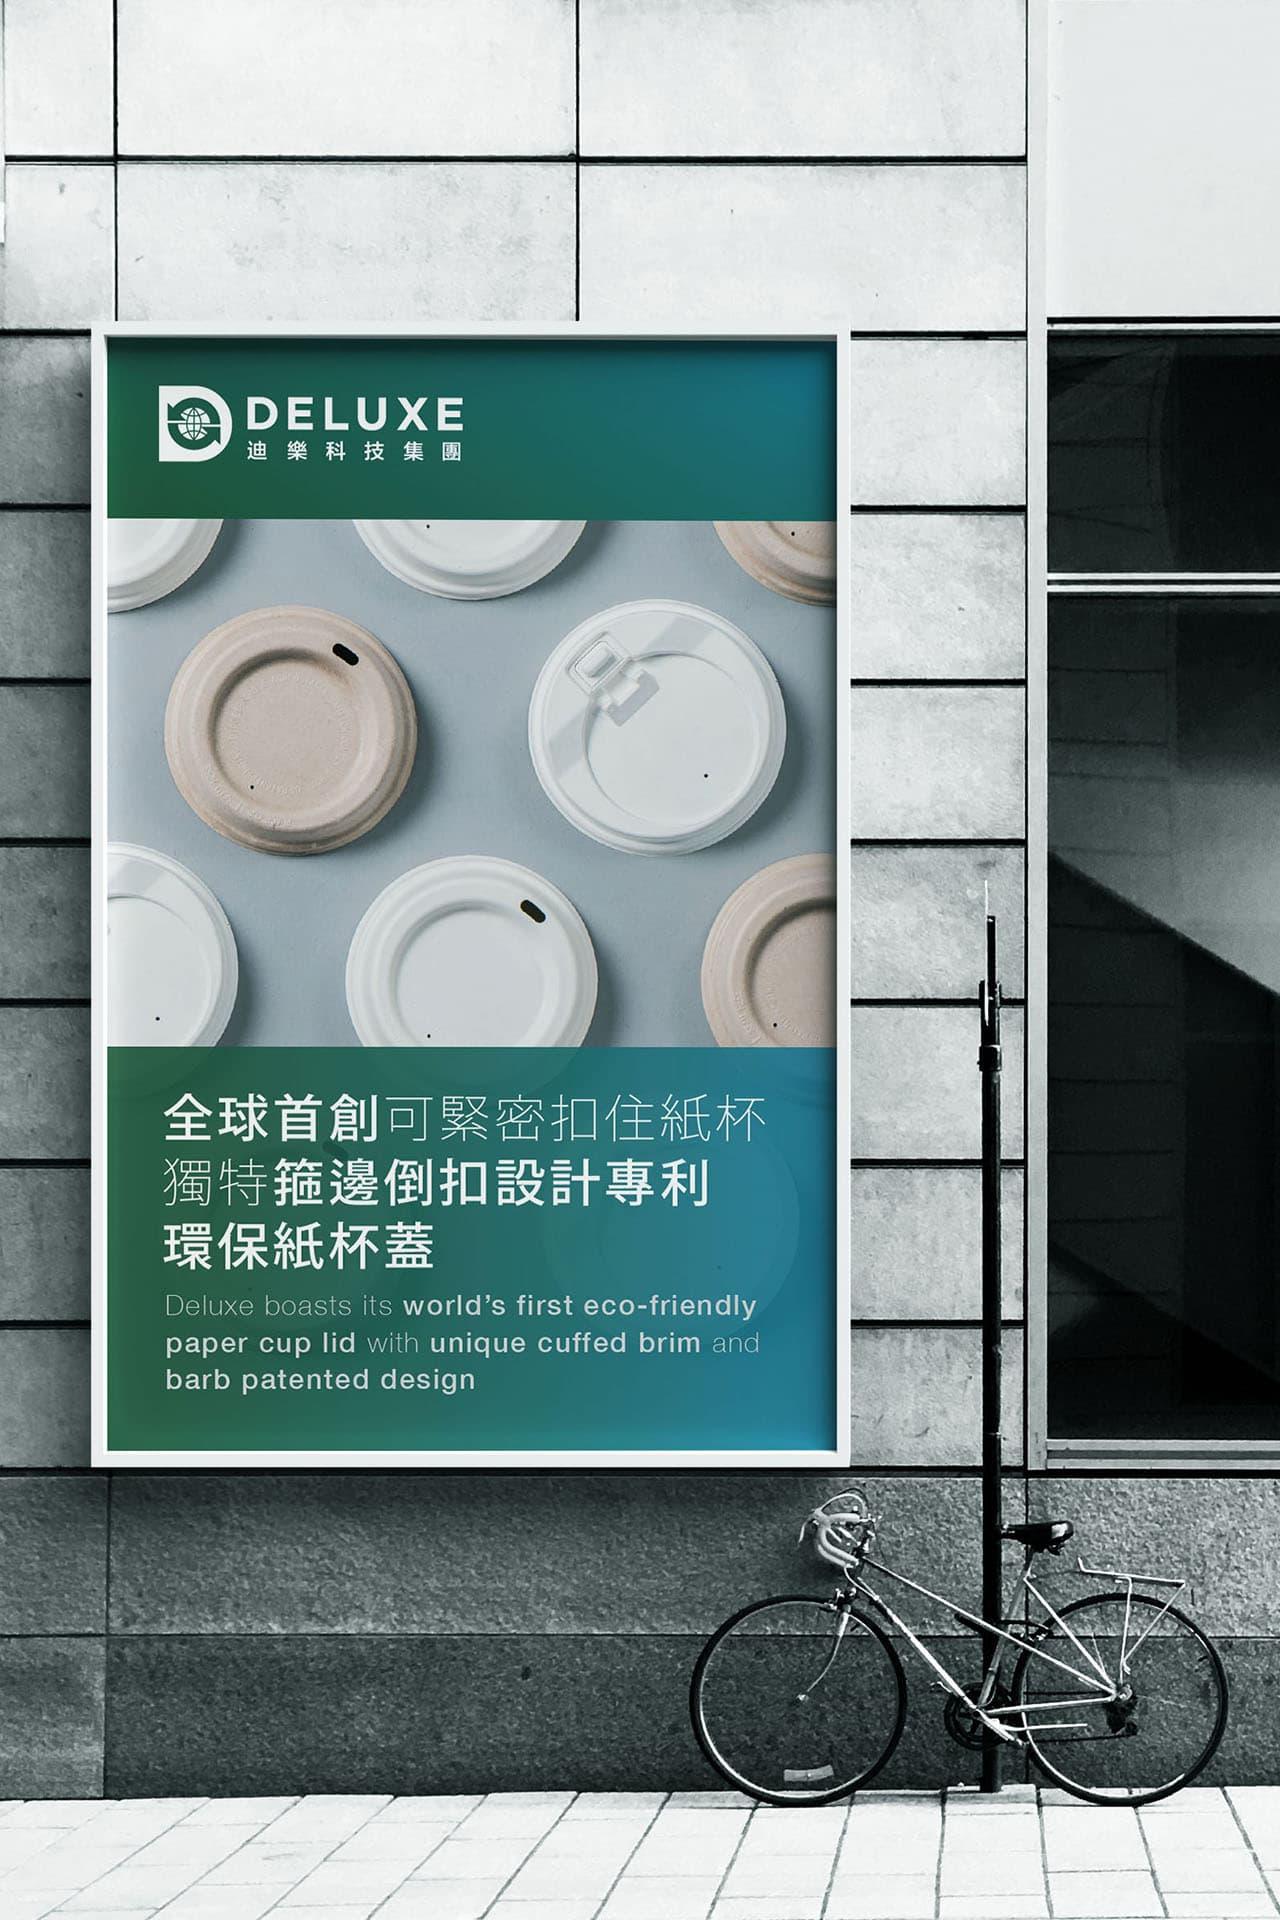 deluxe-walls-1